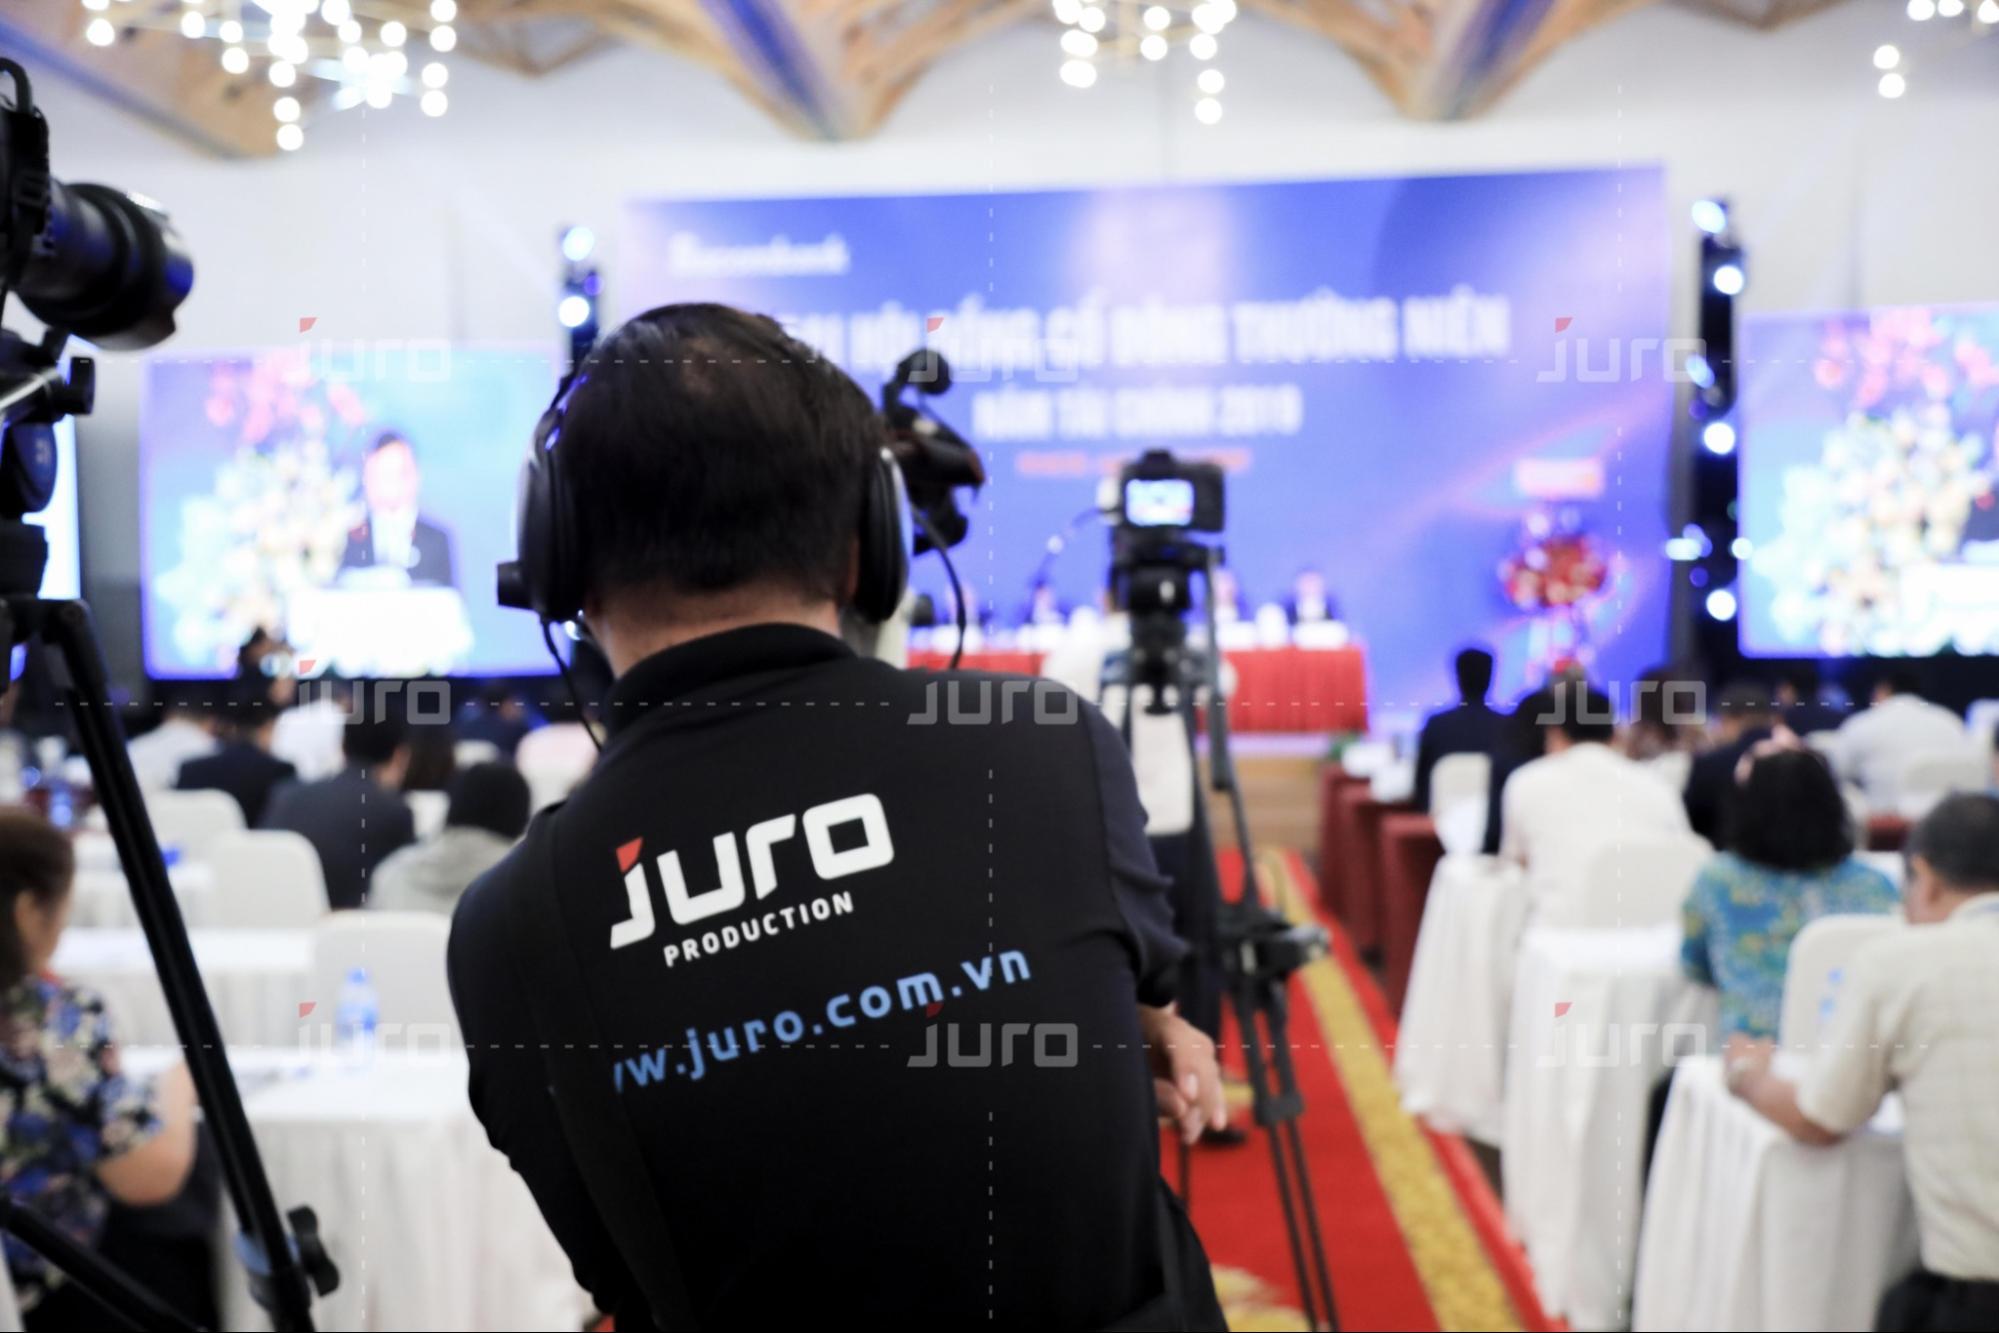 JURO - Công ty tổ chức sự kiện chuyên nghiệp tại TP.HCM